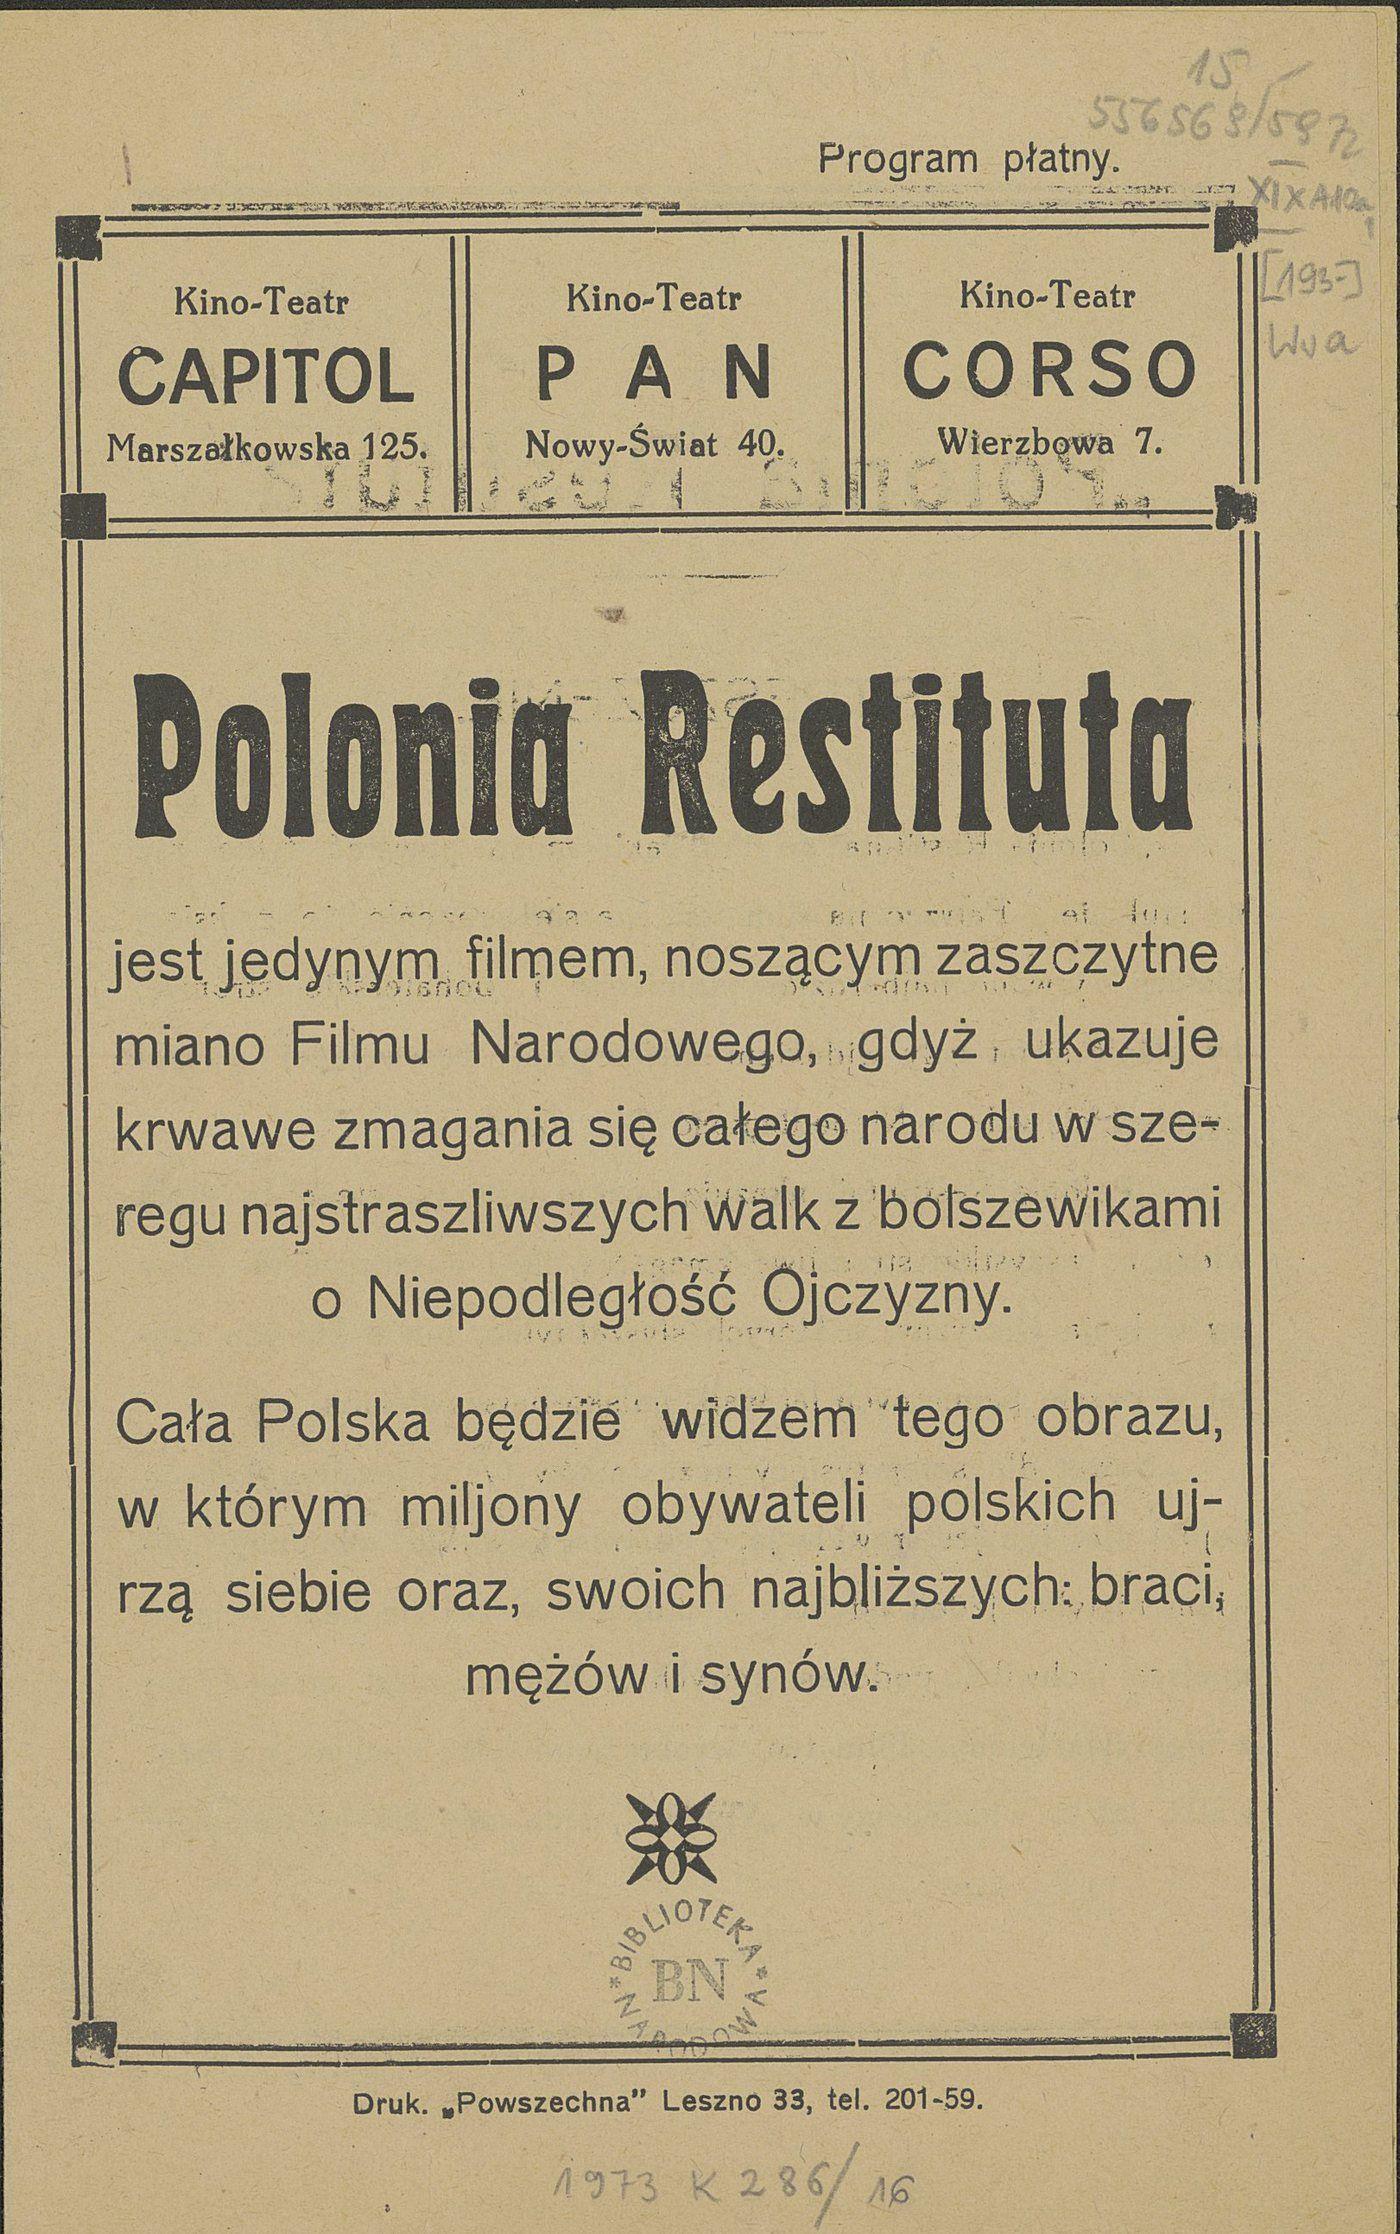 Afisz reklamowy filmu